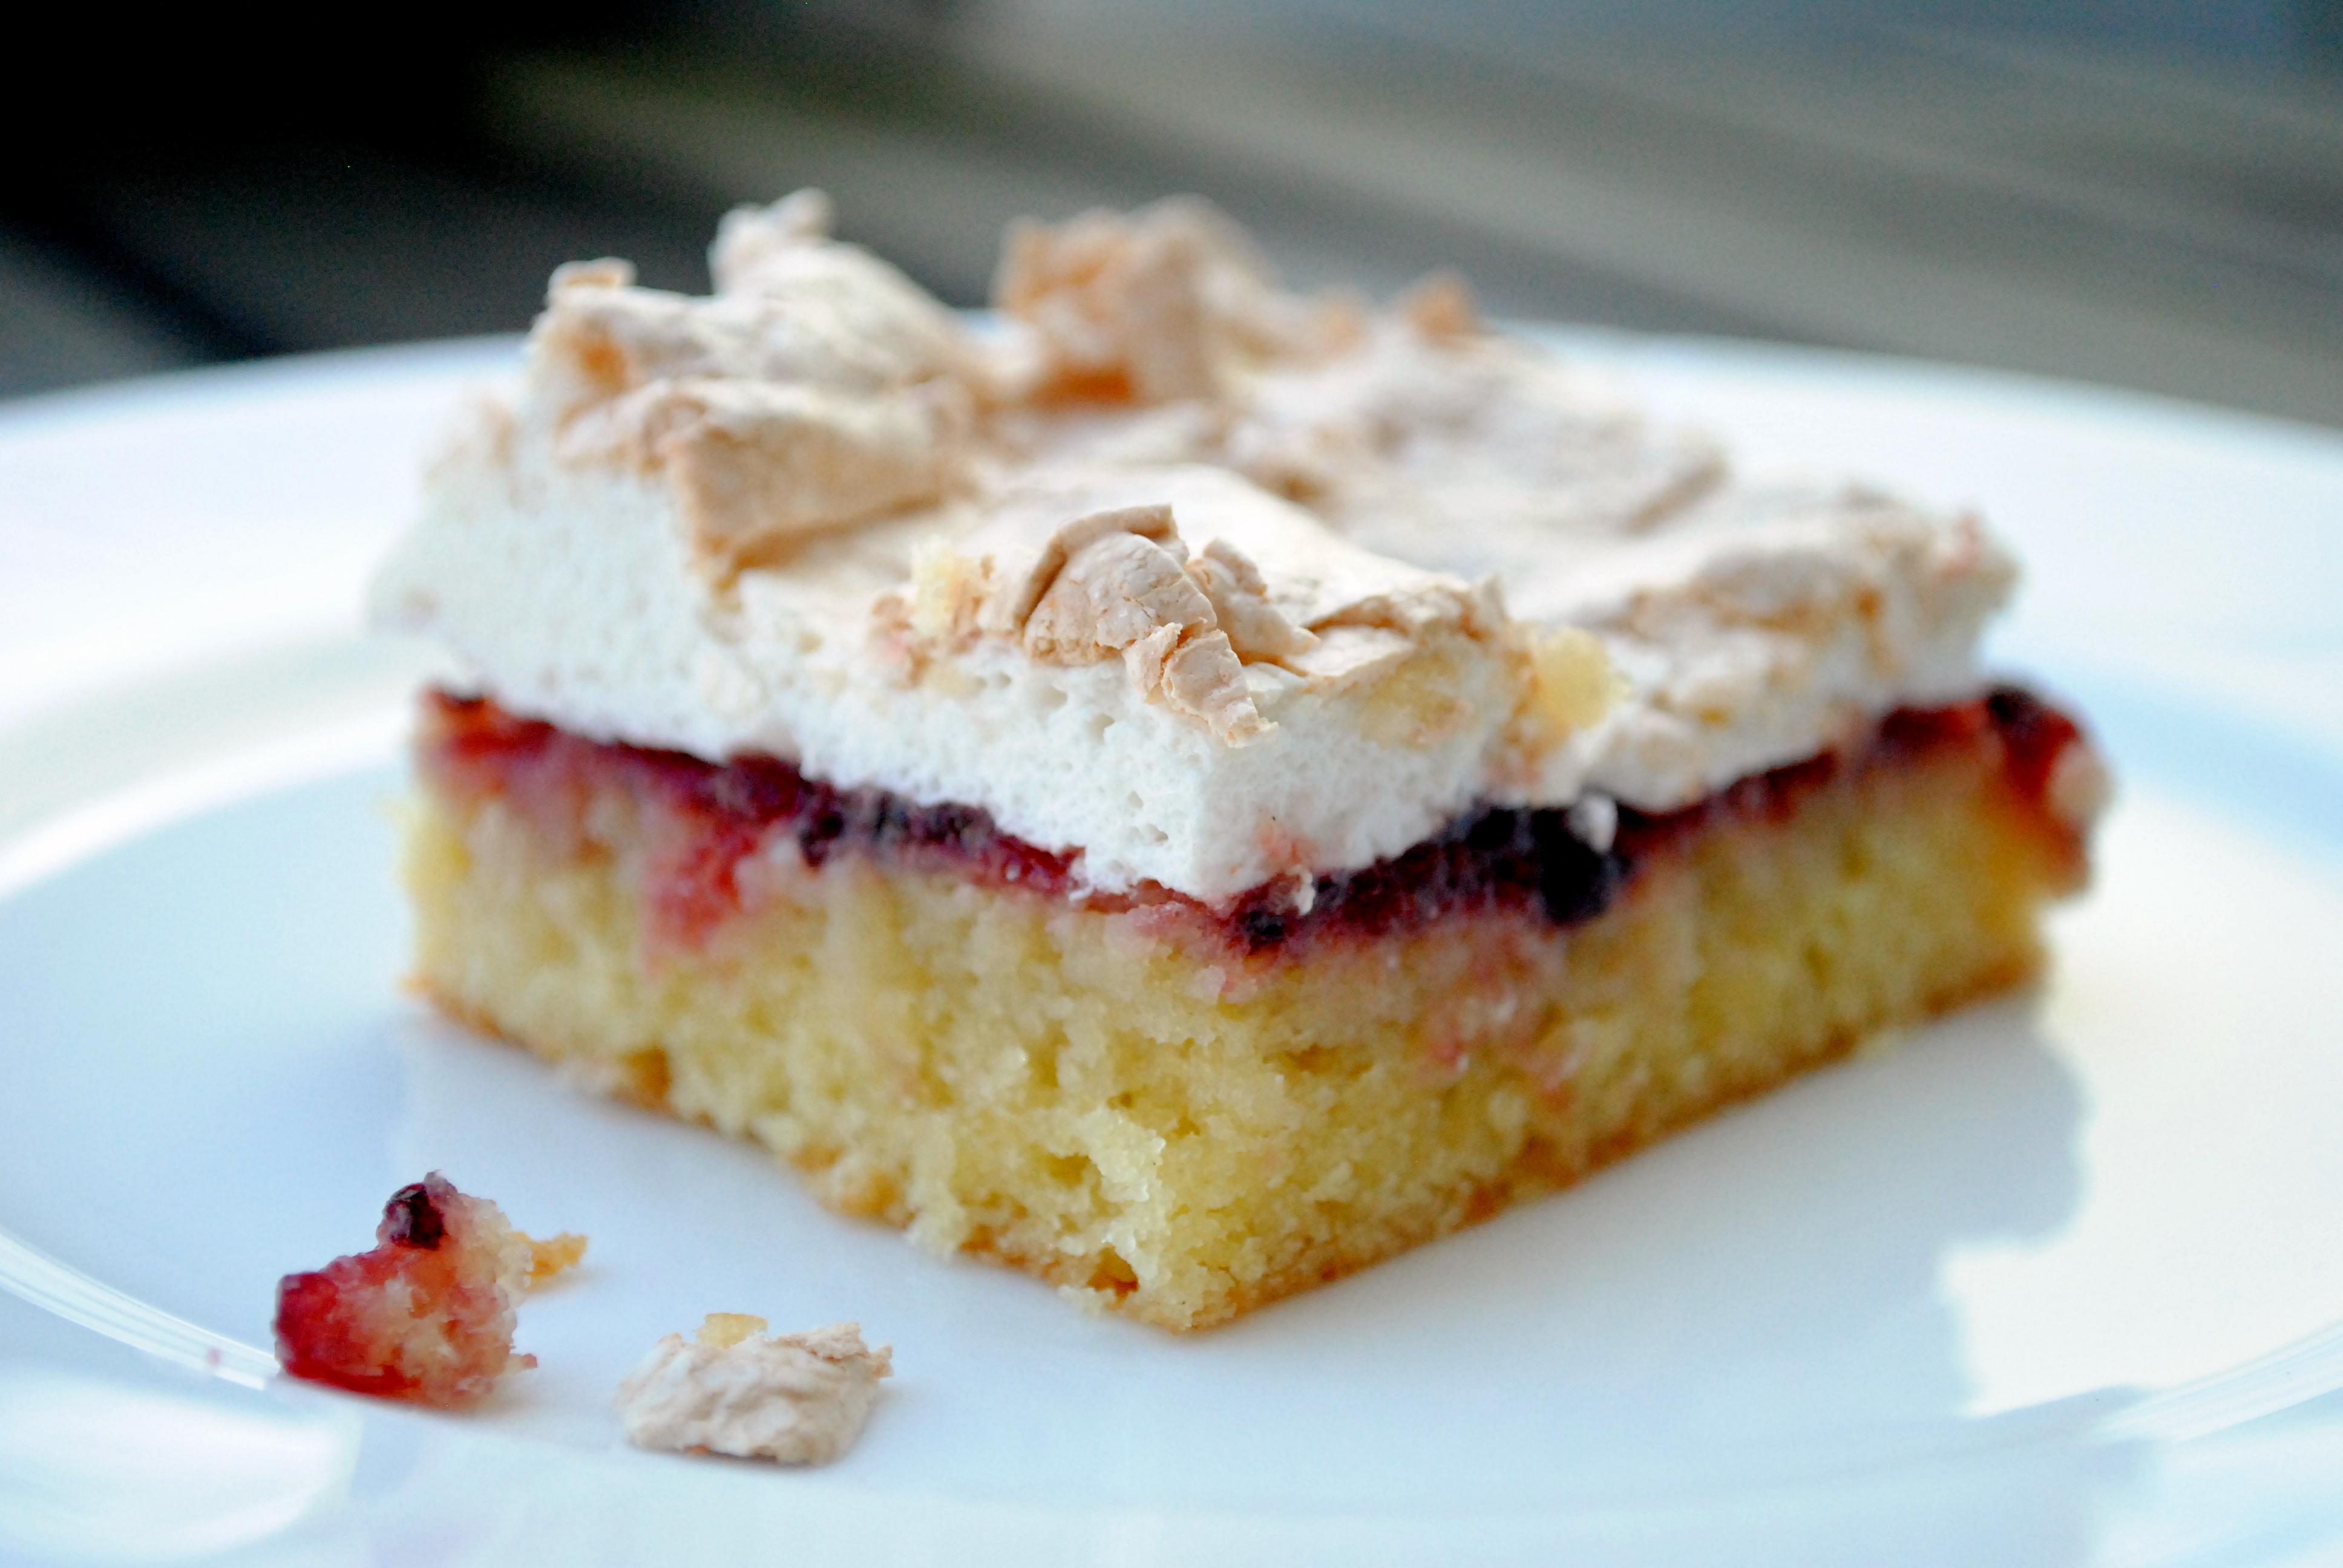 Cake with raspberry jam and meringue